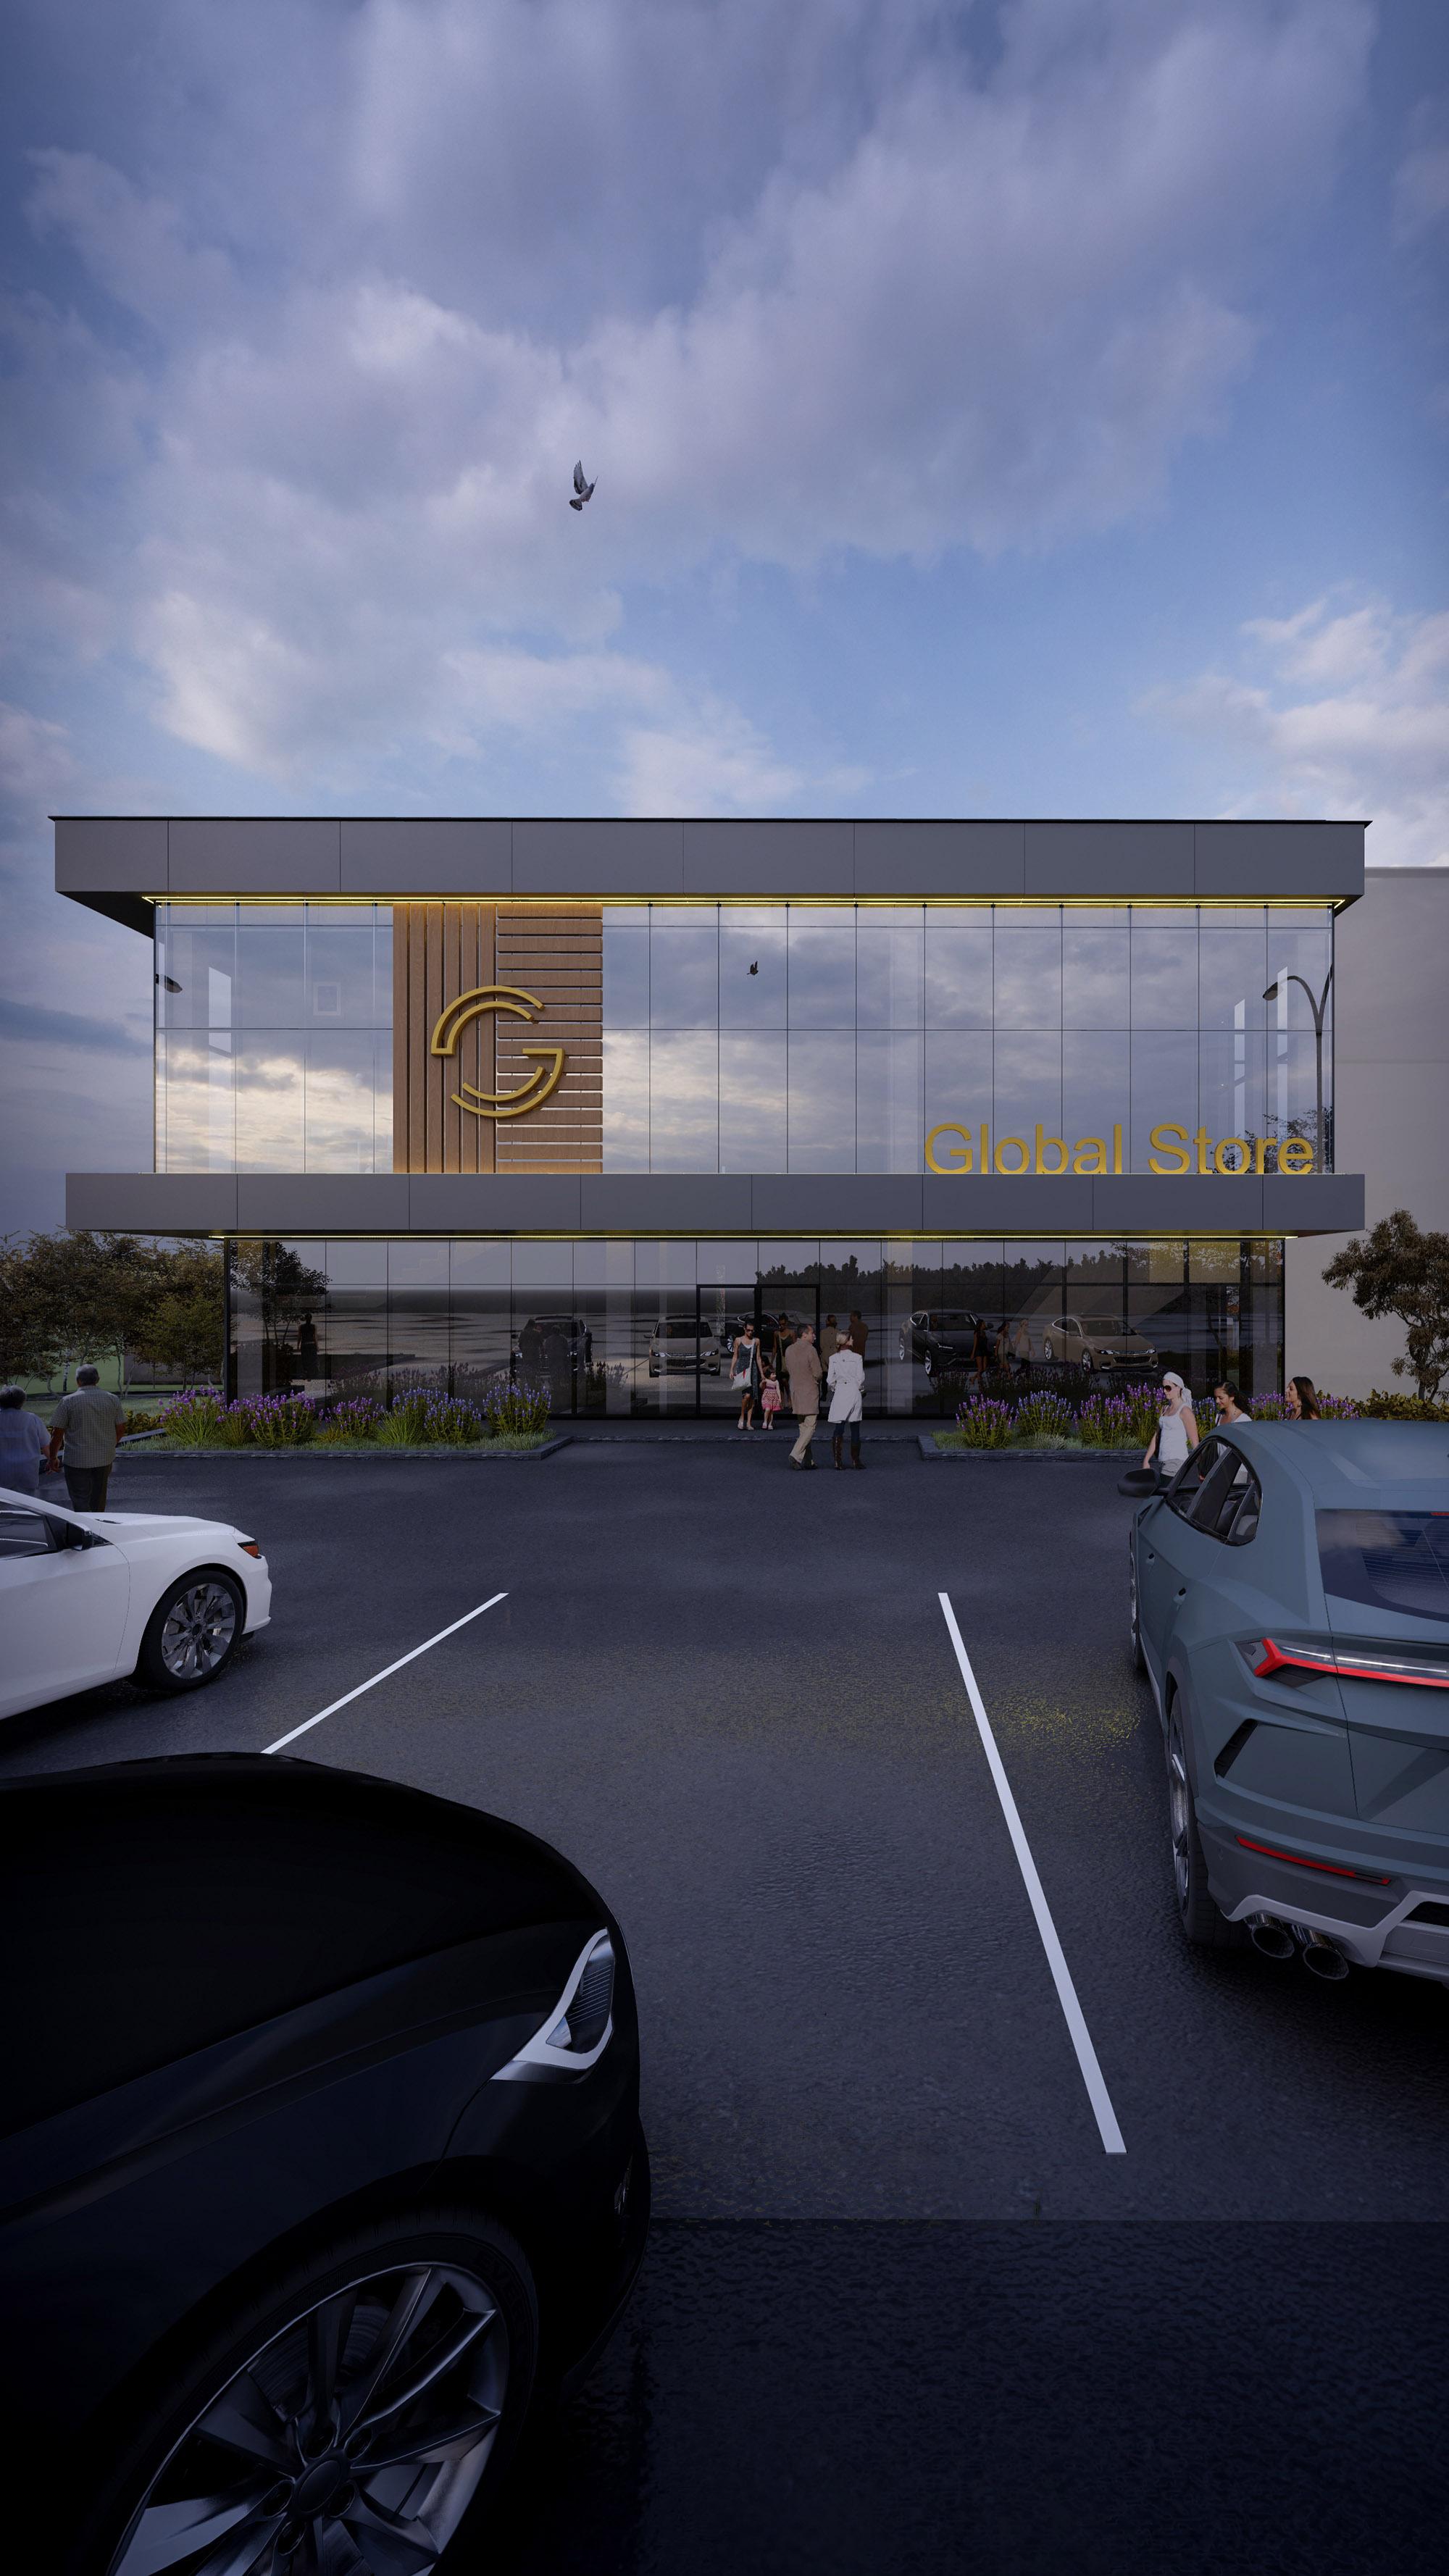 Global Store proiect de arhitectura a spatiilor publice, cu parcare mare. Proiect de la ab+partners